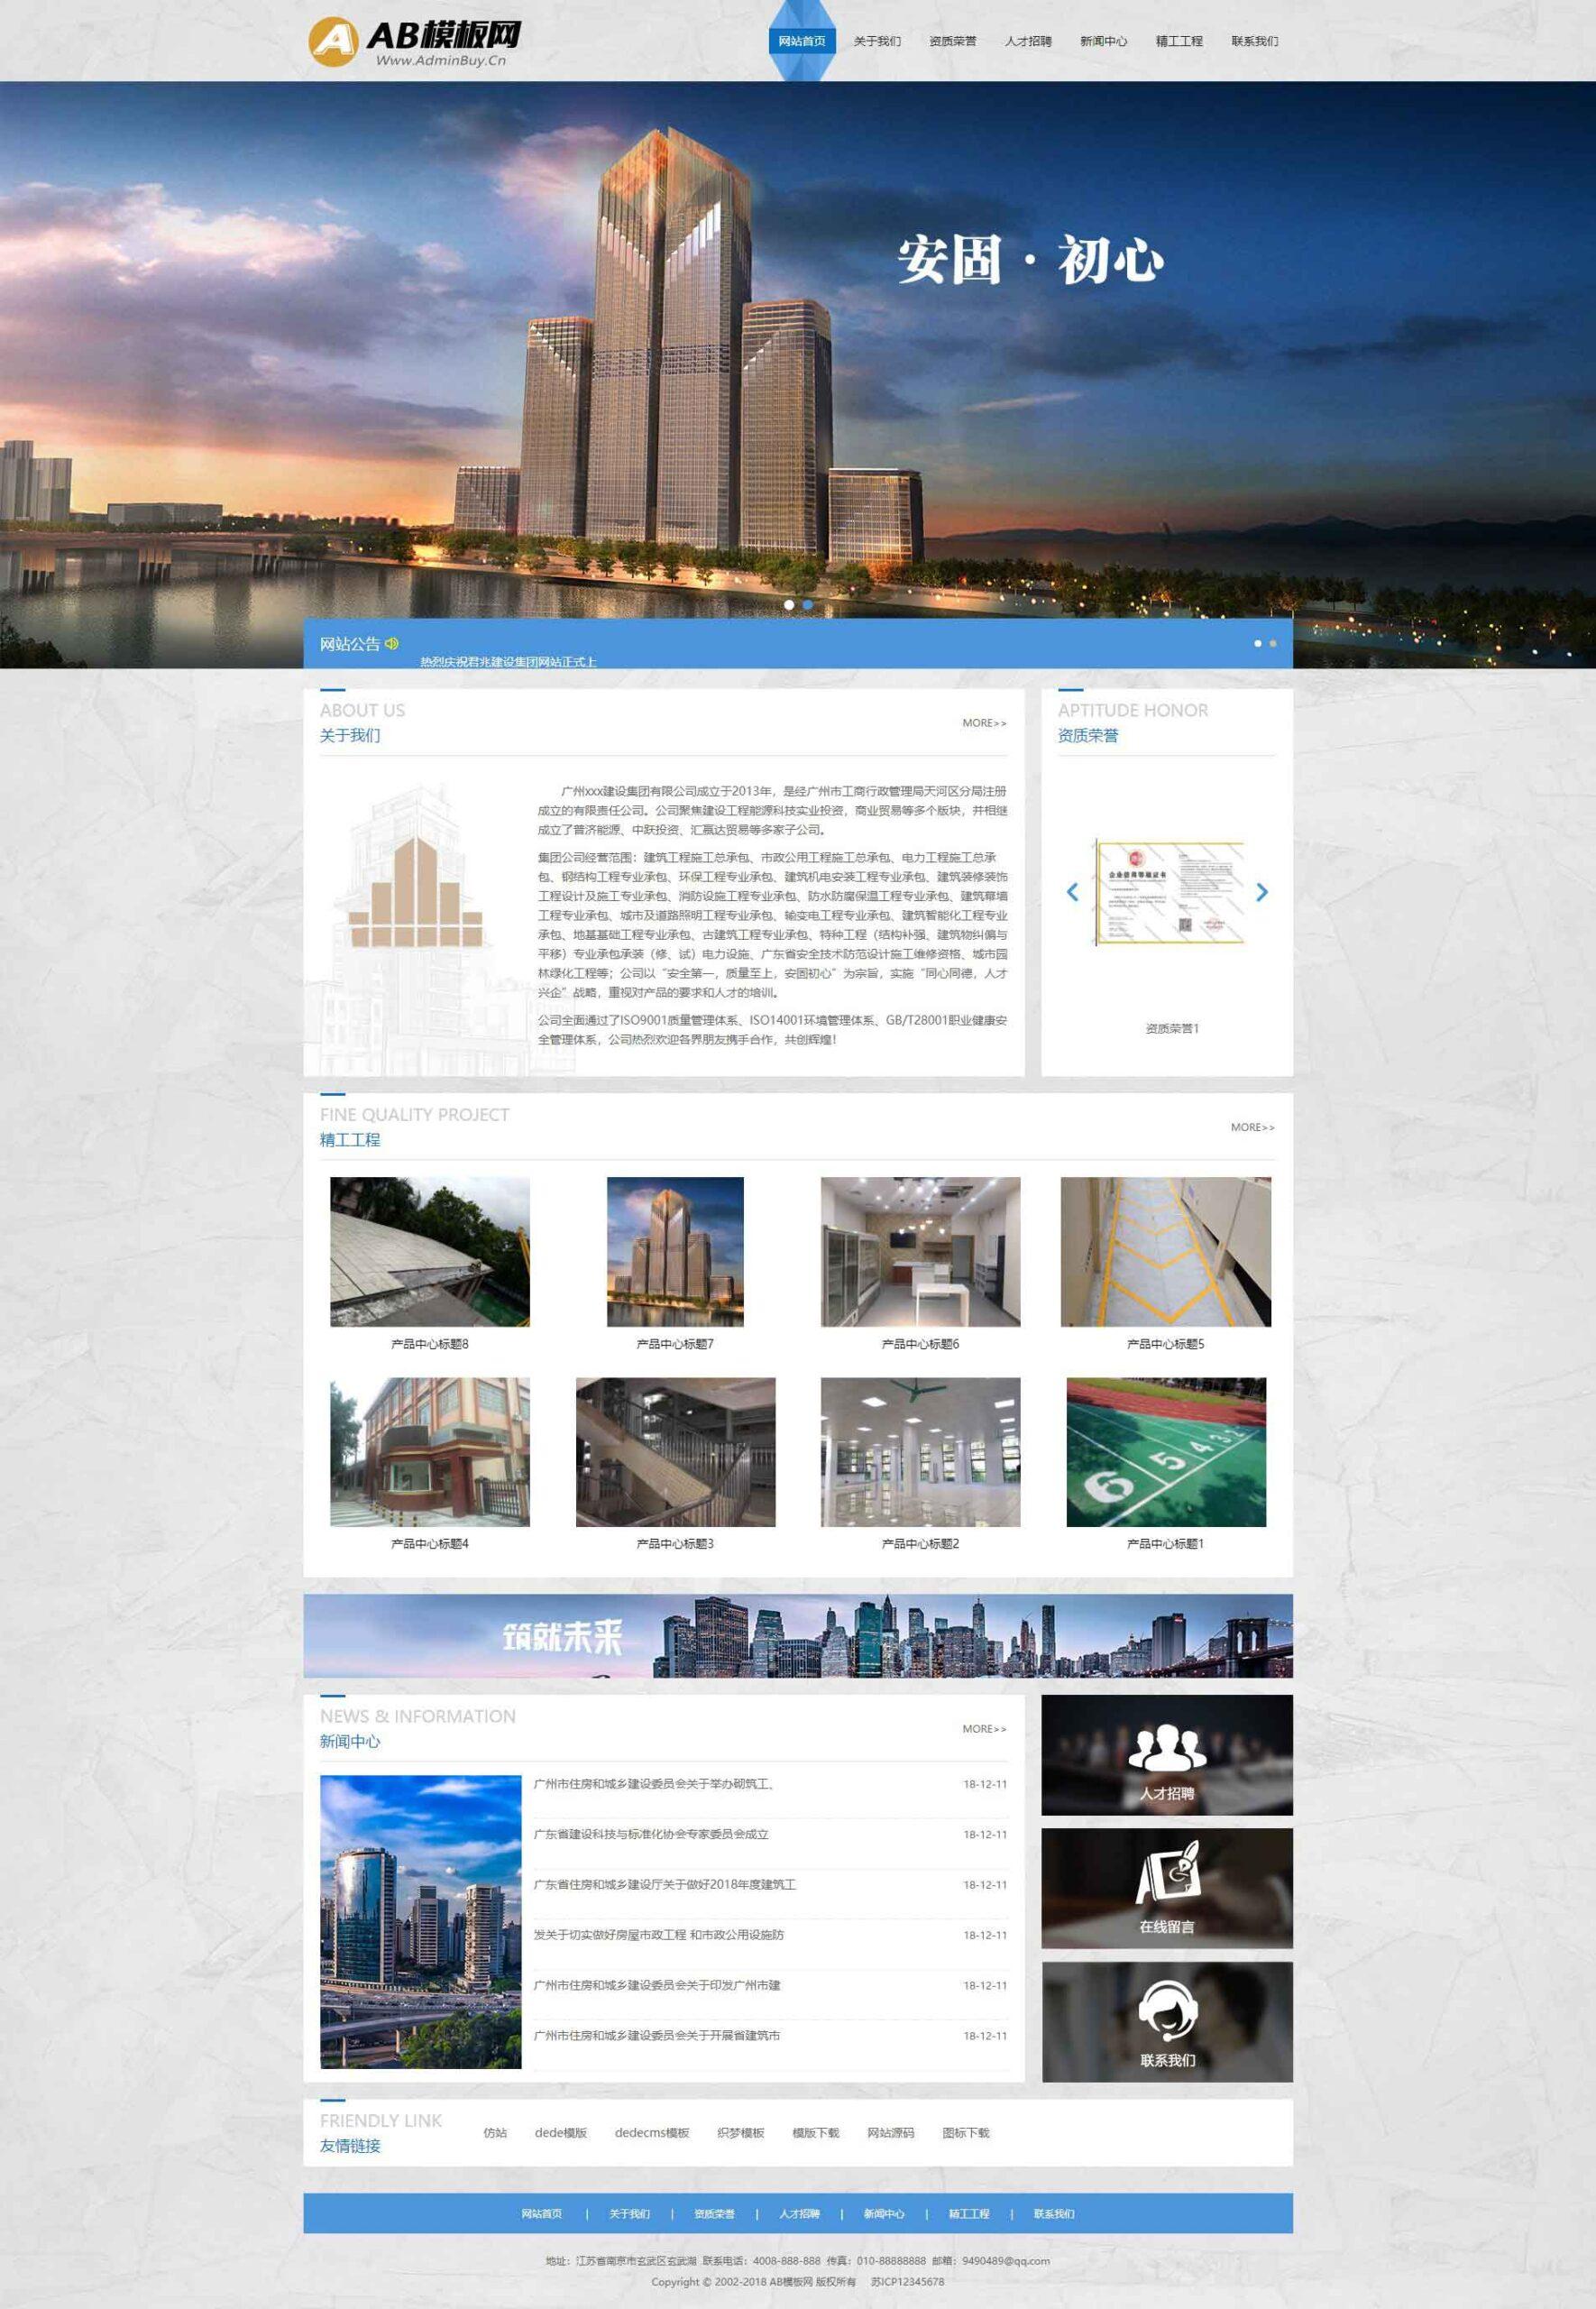 鹤云资源博客-建筑工程施工企业网站织梦dede模板源码[自适应手机版]插图